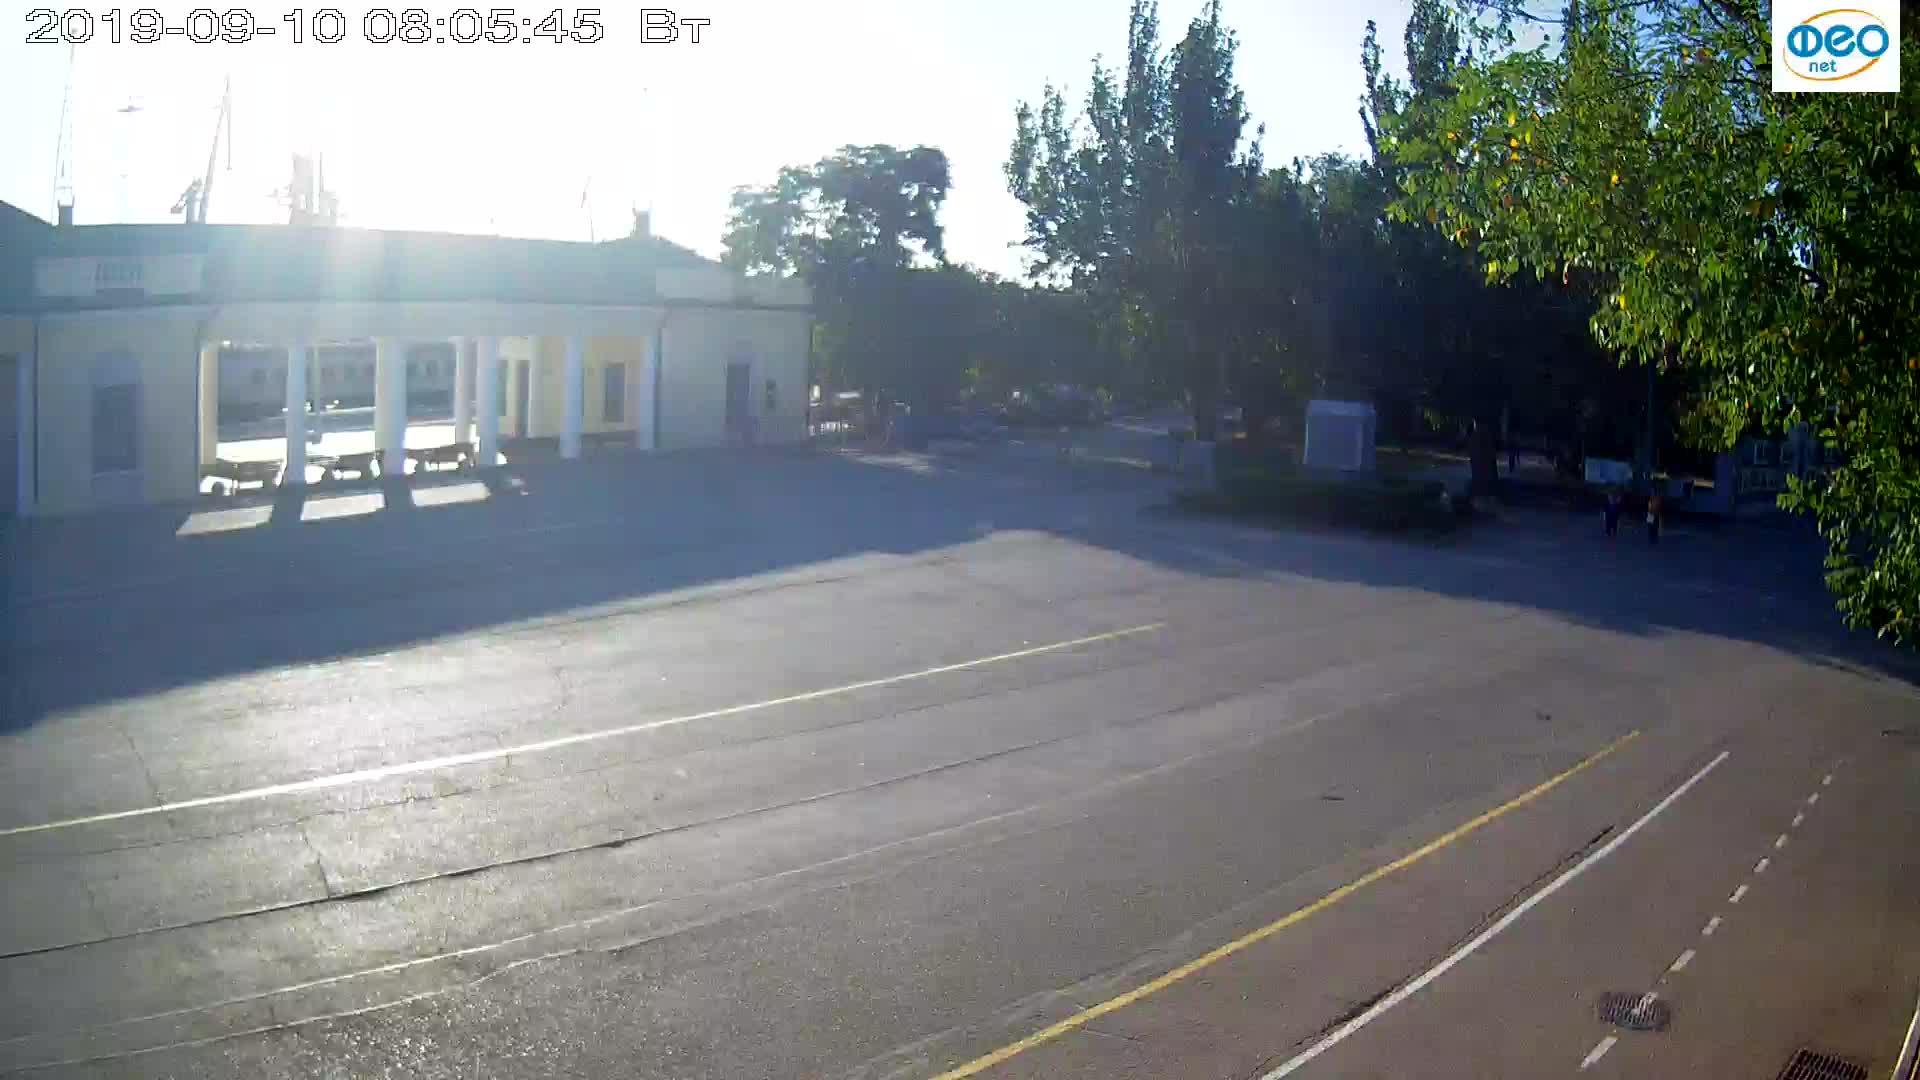 Веб-камеры Феодосии, Привокзальная площадь 2, 2019-09-10 07:53:10